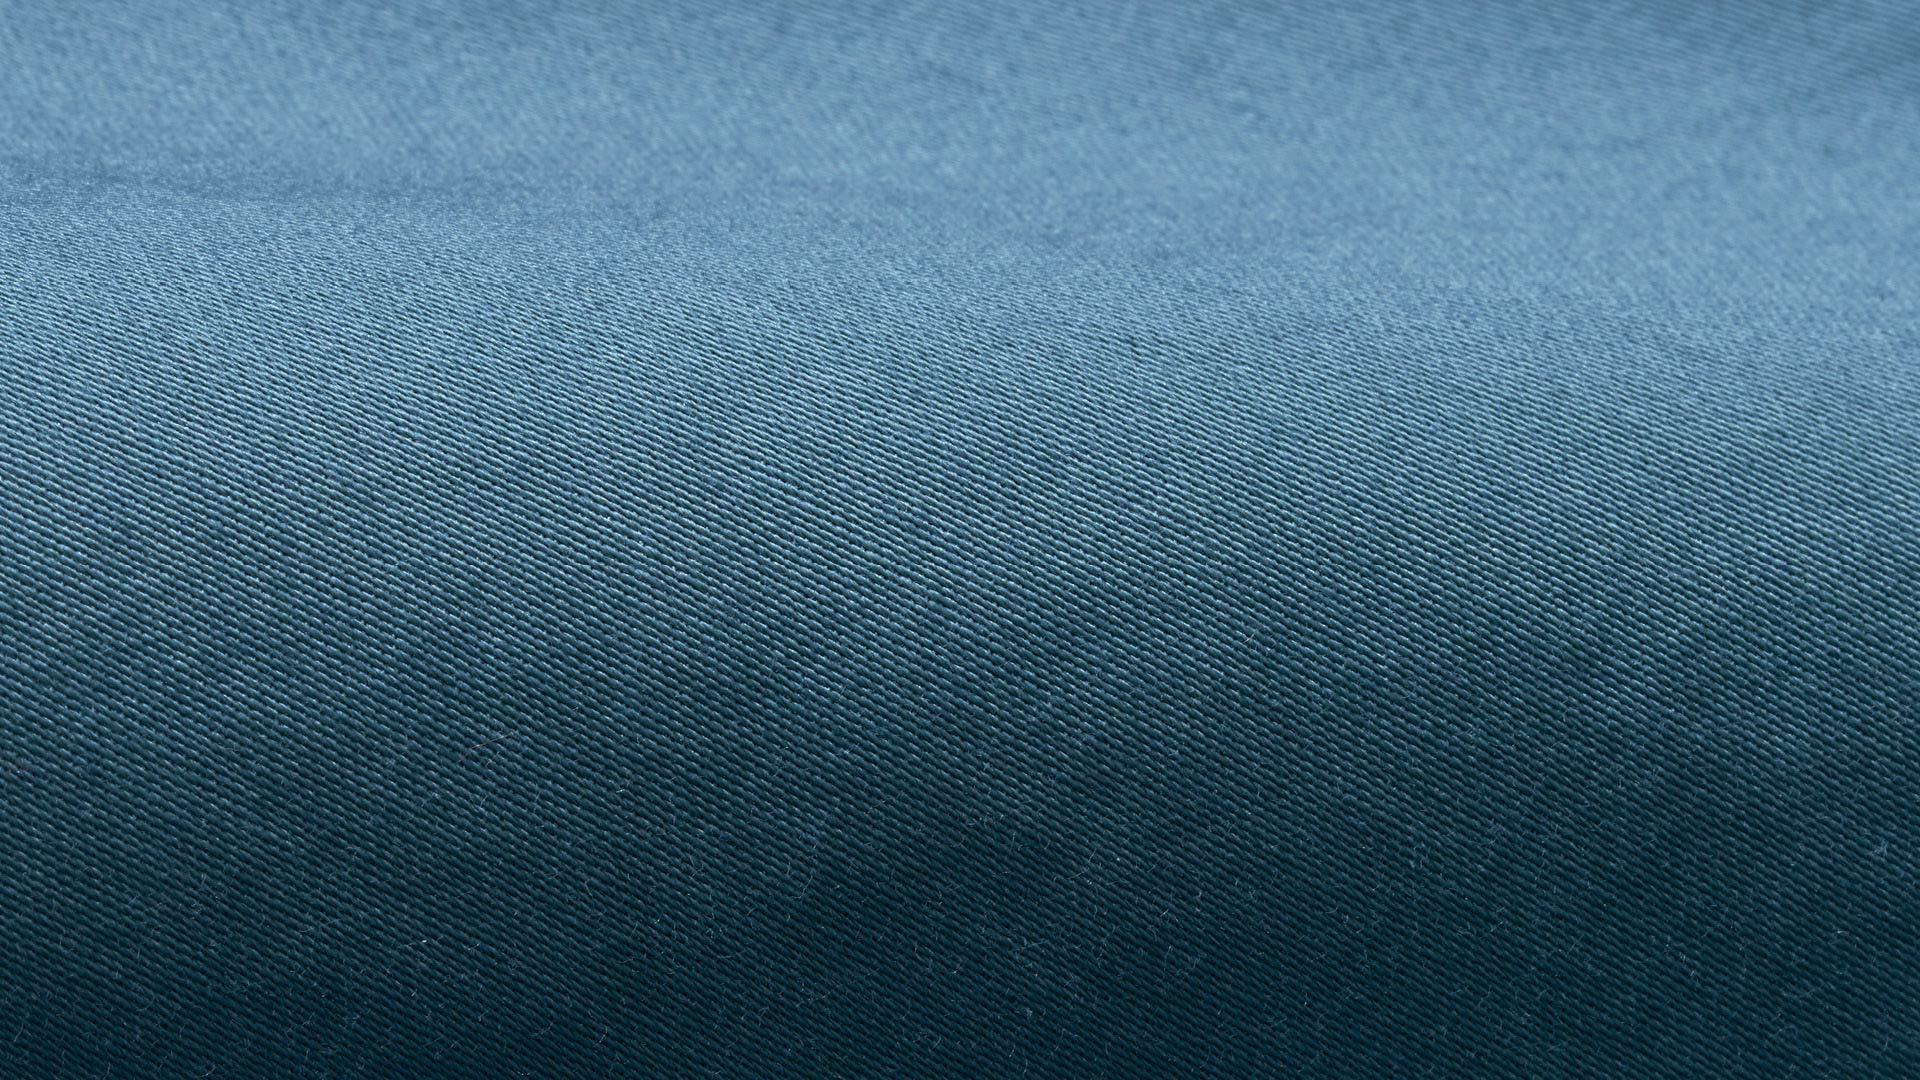 60纱支数,300根高密更细腻耐用